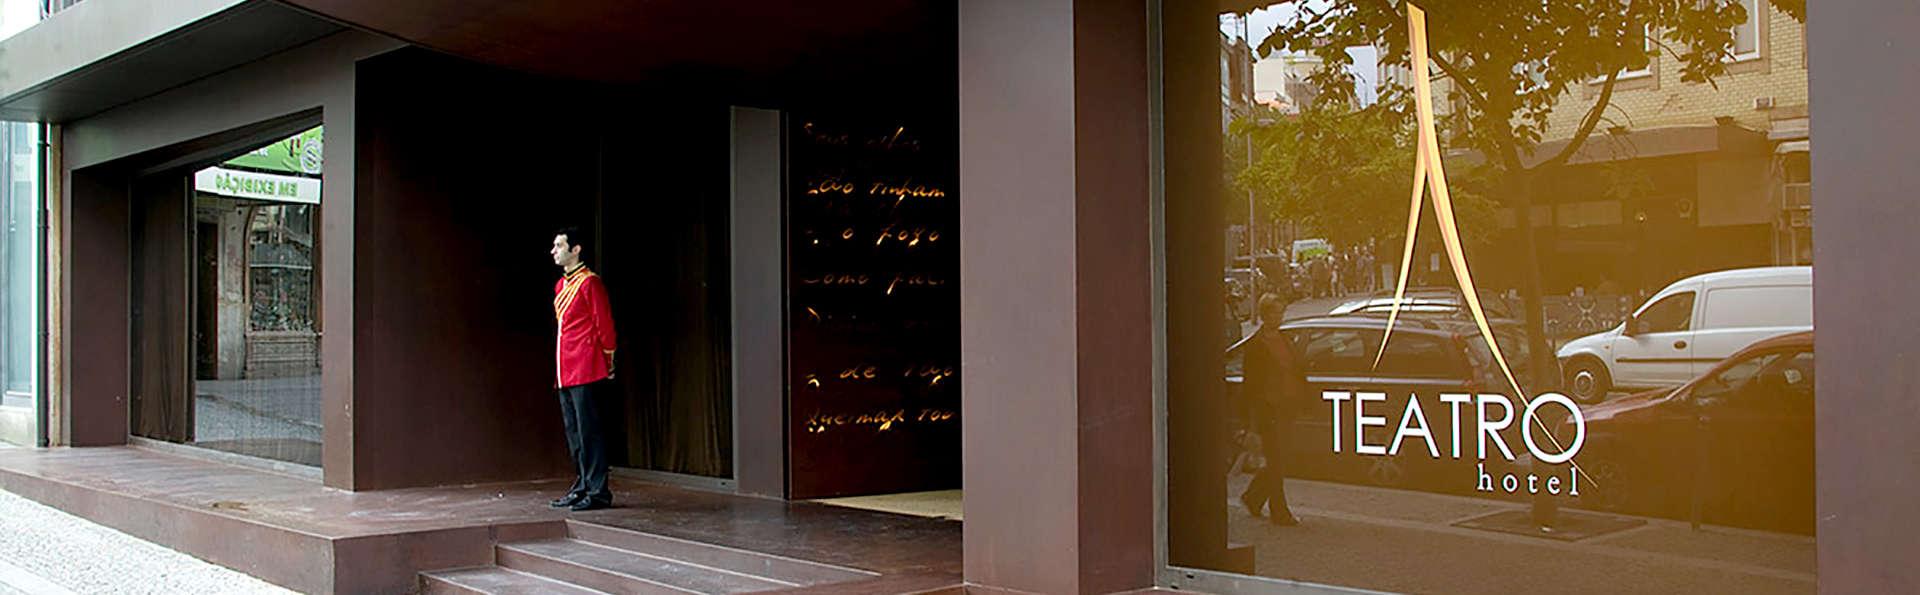 PortoBay Hotel Teatro By Ymspyra - Edit_entrance.jpg